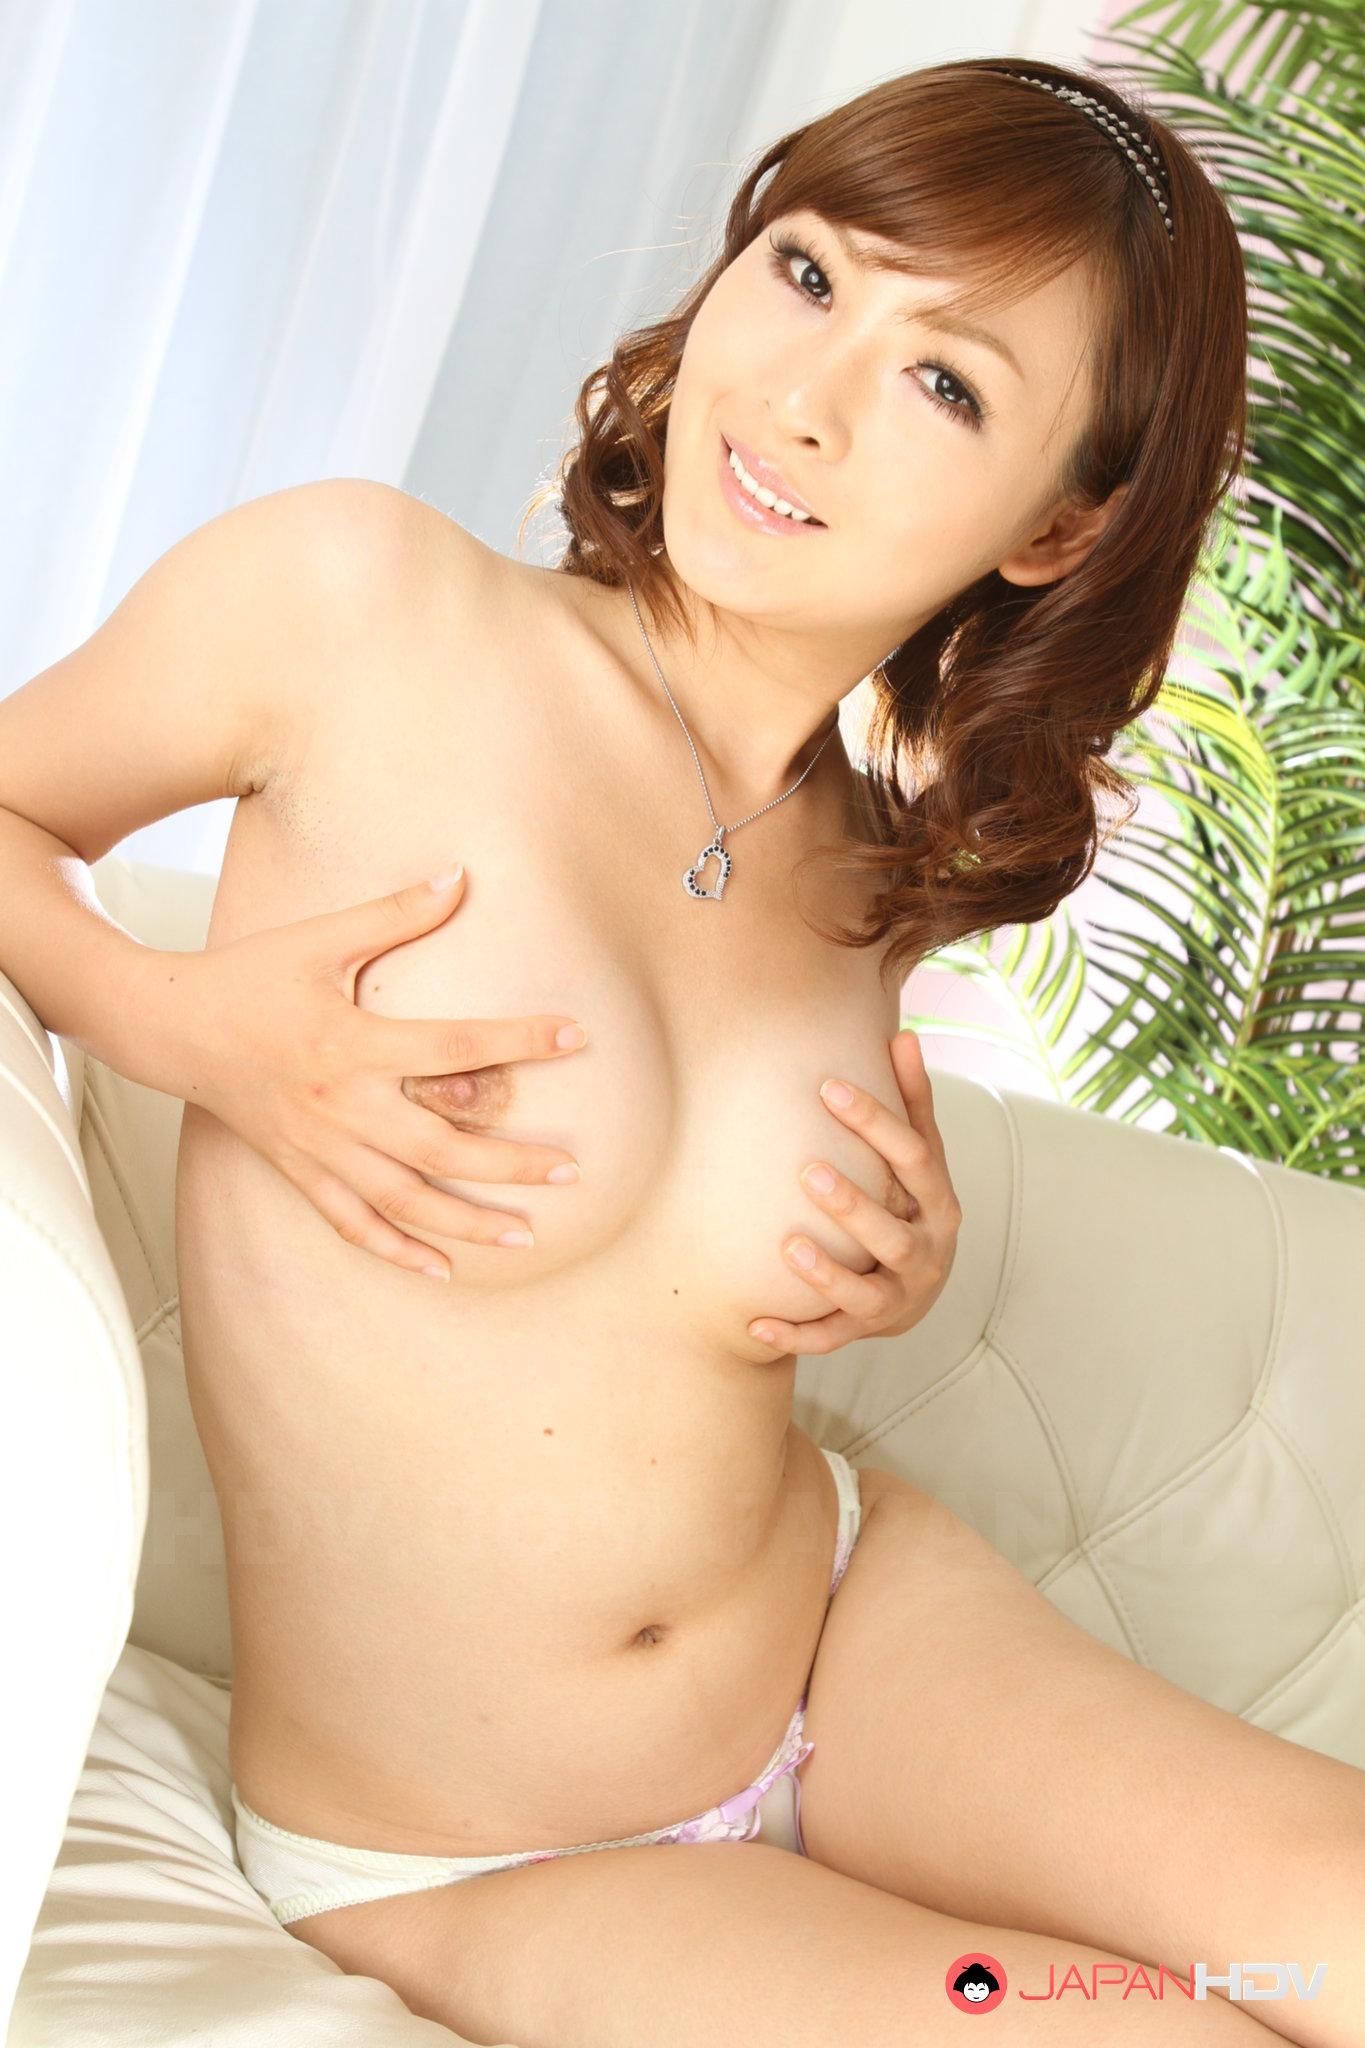 Big naturals asian